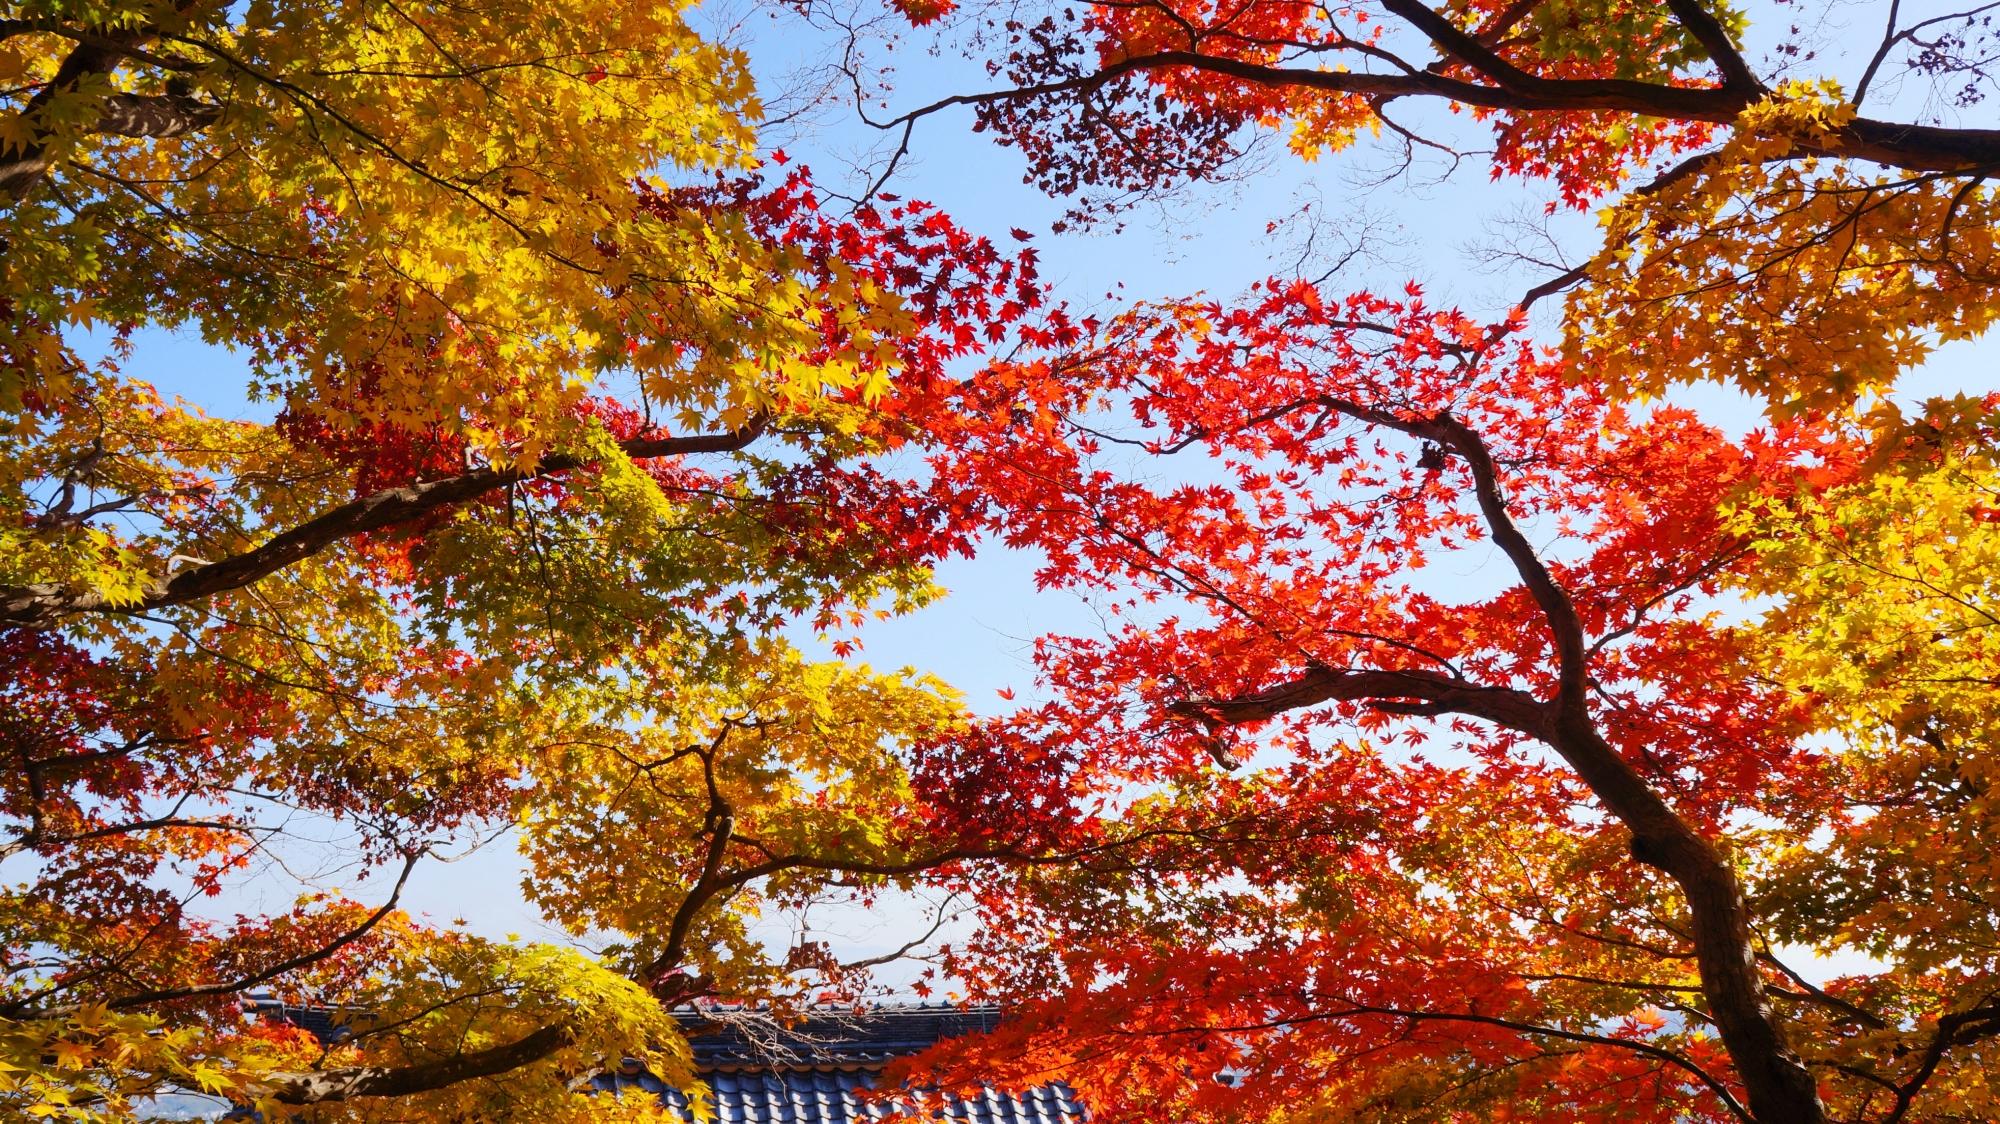 善峯寺の秋晴れに映える華やかな紅葉